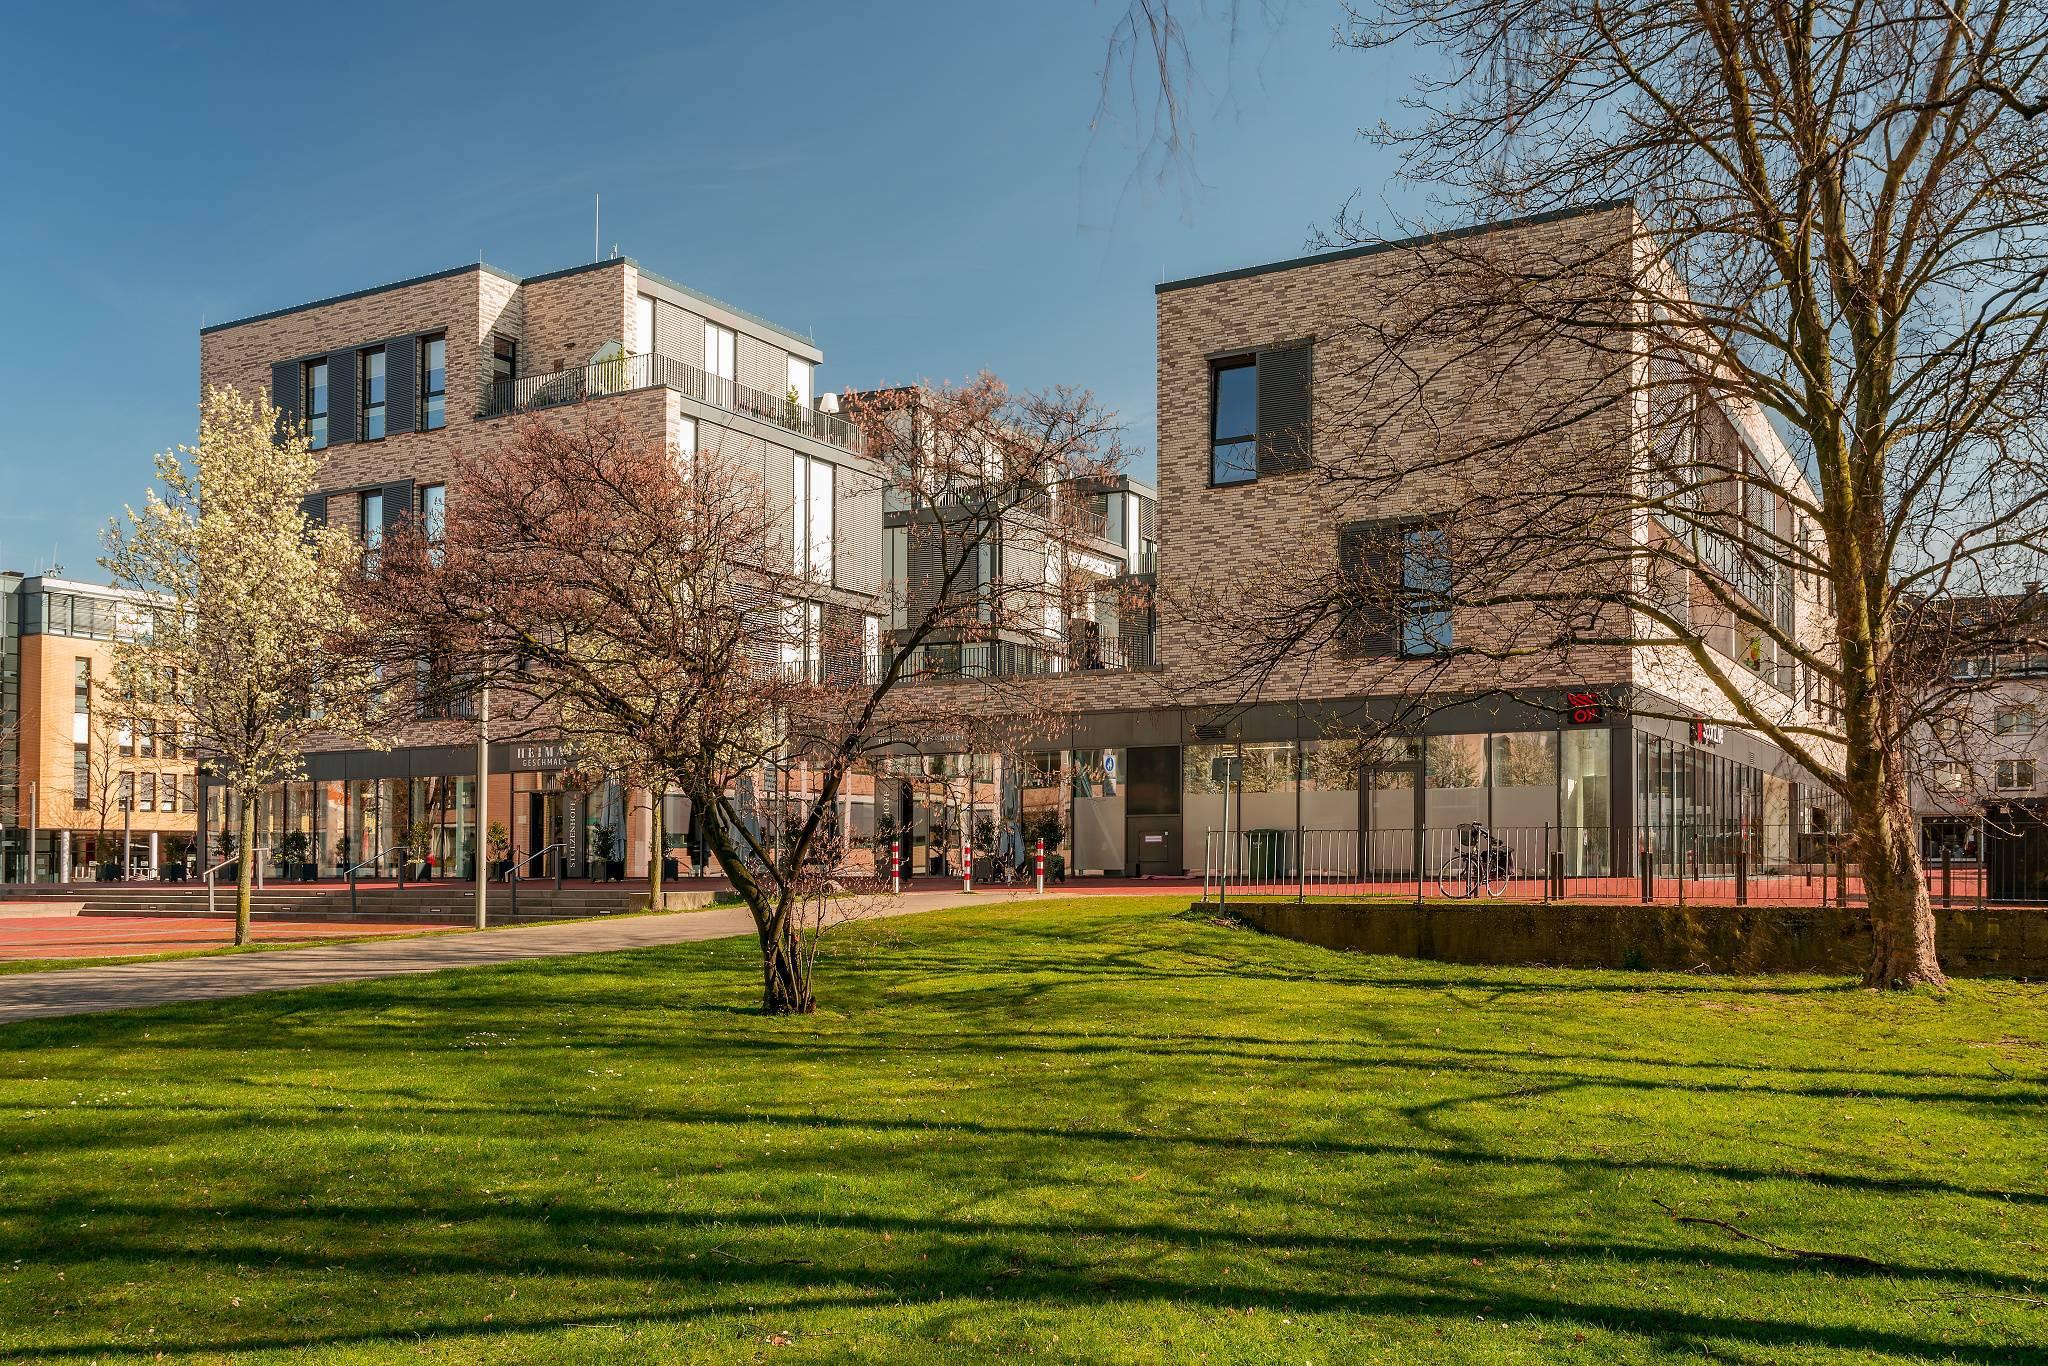 Ehemalige Hertie Immobilie nach dem Umbau - Fotograf Bauverein zu Lünen - © Stadt Lünen